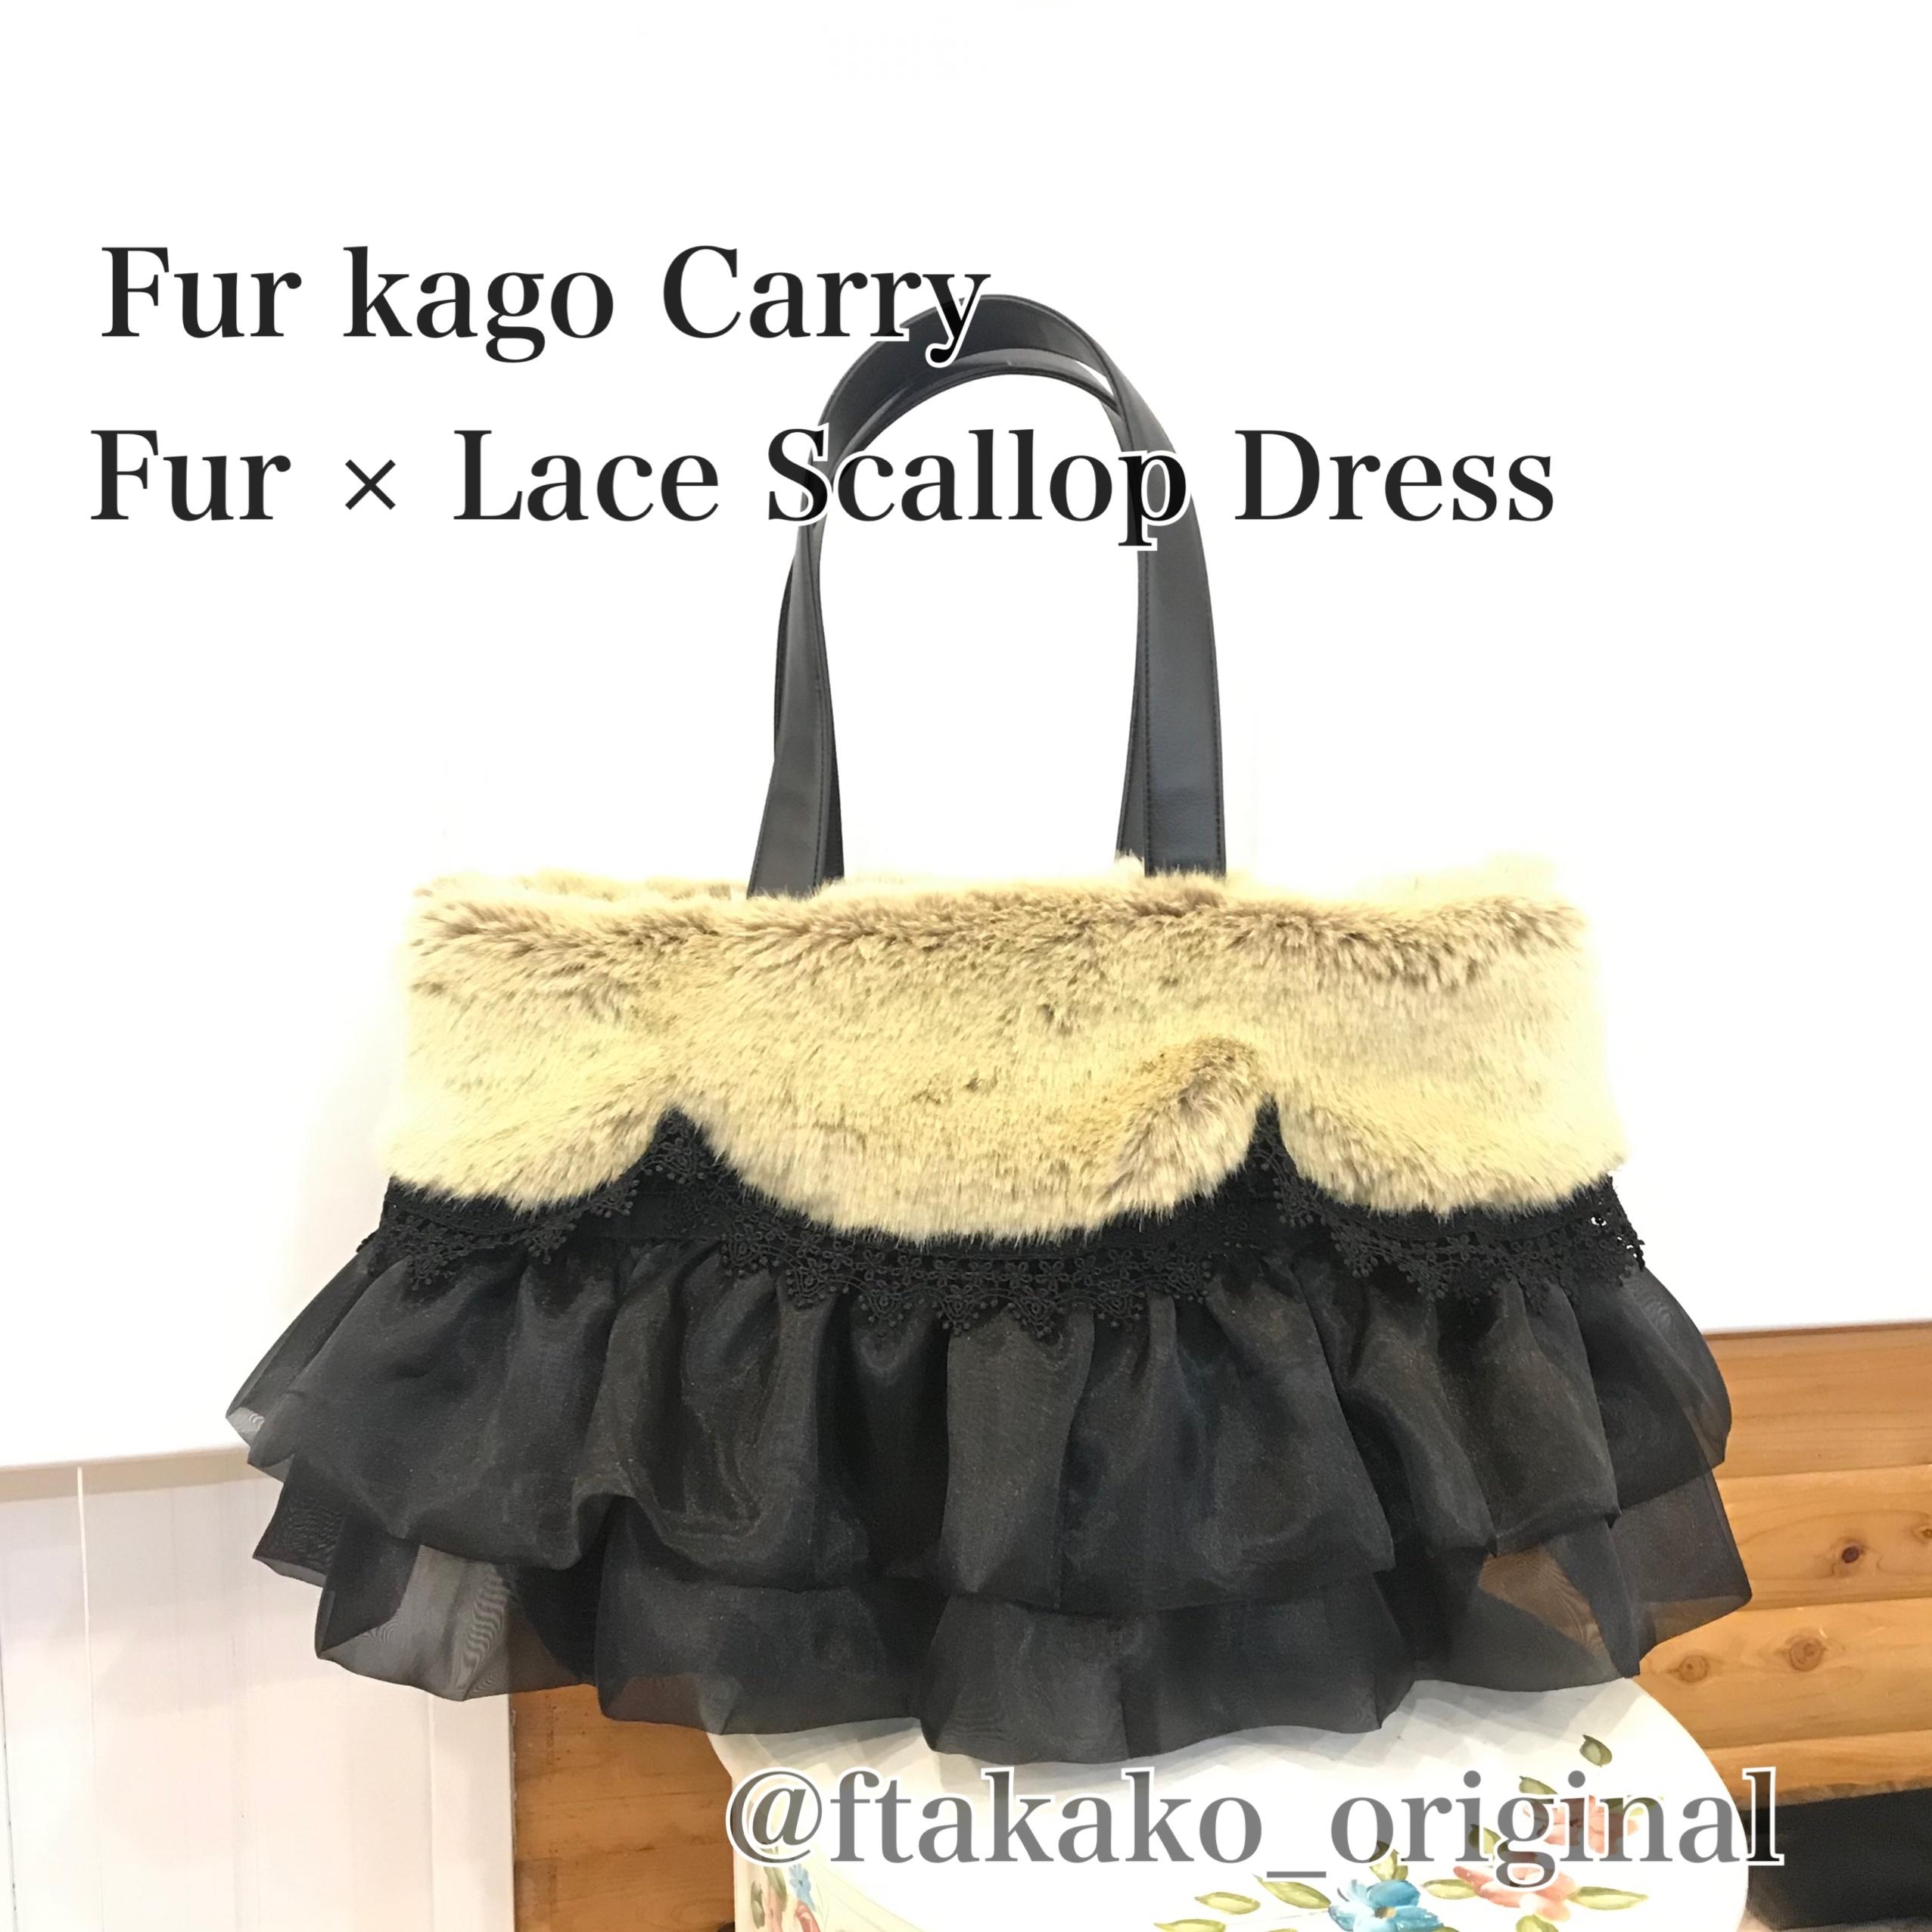 2キロ迄用/ファー×レーススカラップドレス /エコファー(フェイク)ファーカゴバッグ/ドッグキャリー仕様/3色